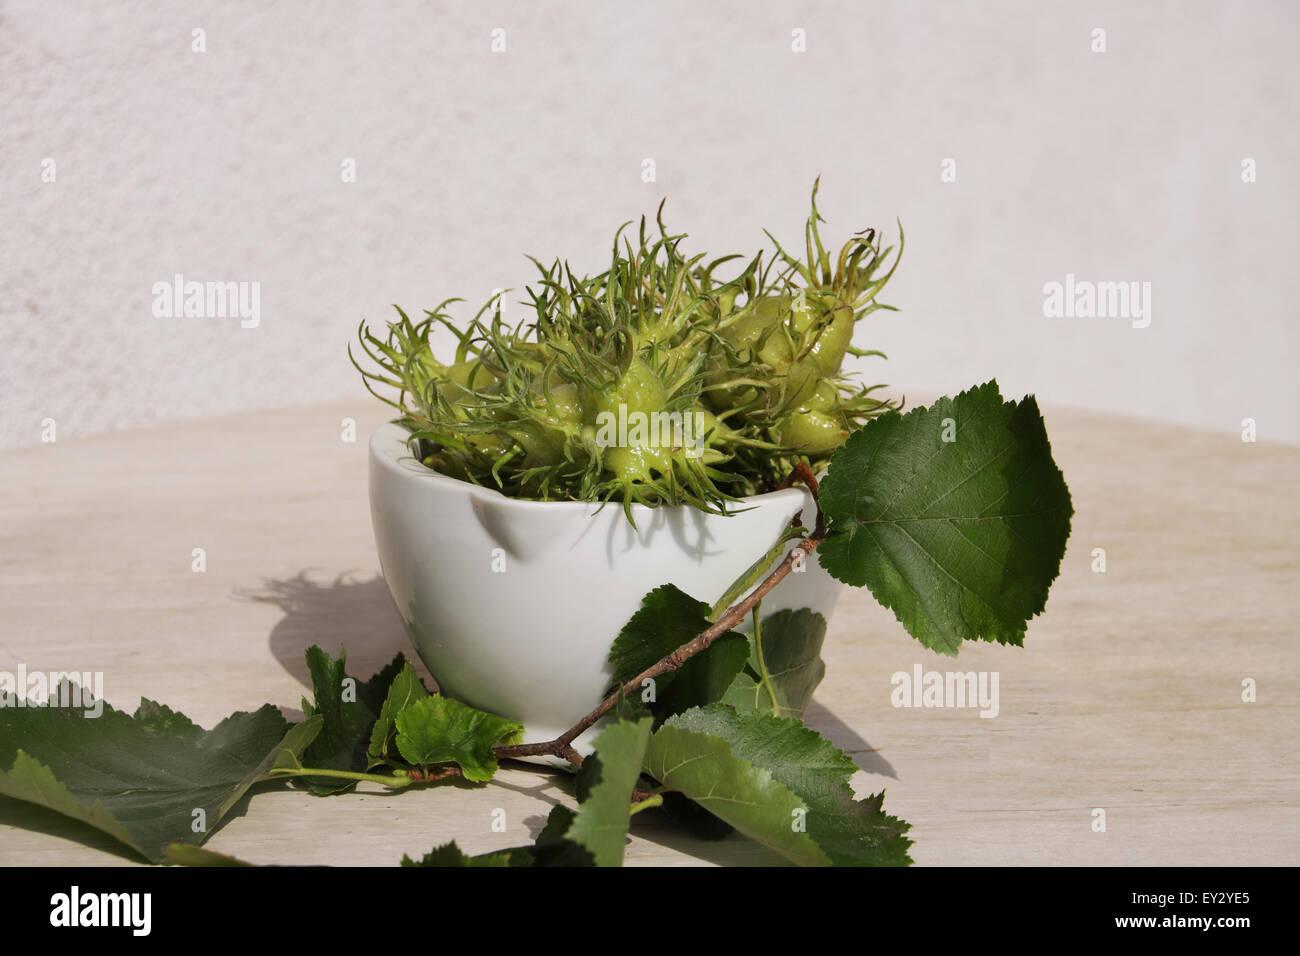 Hazel Nussfrüchte in einer weißen Schüssel auf weißem Hintergrund Stockbild